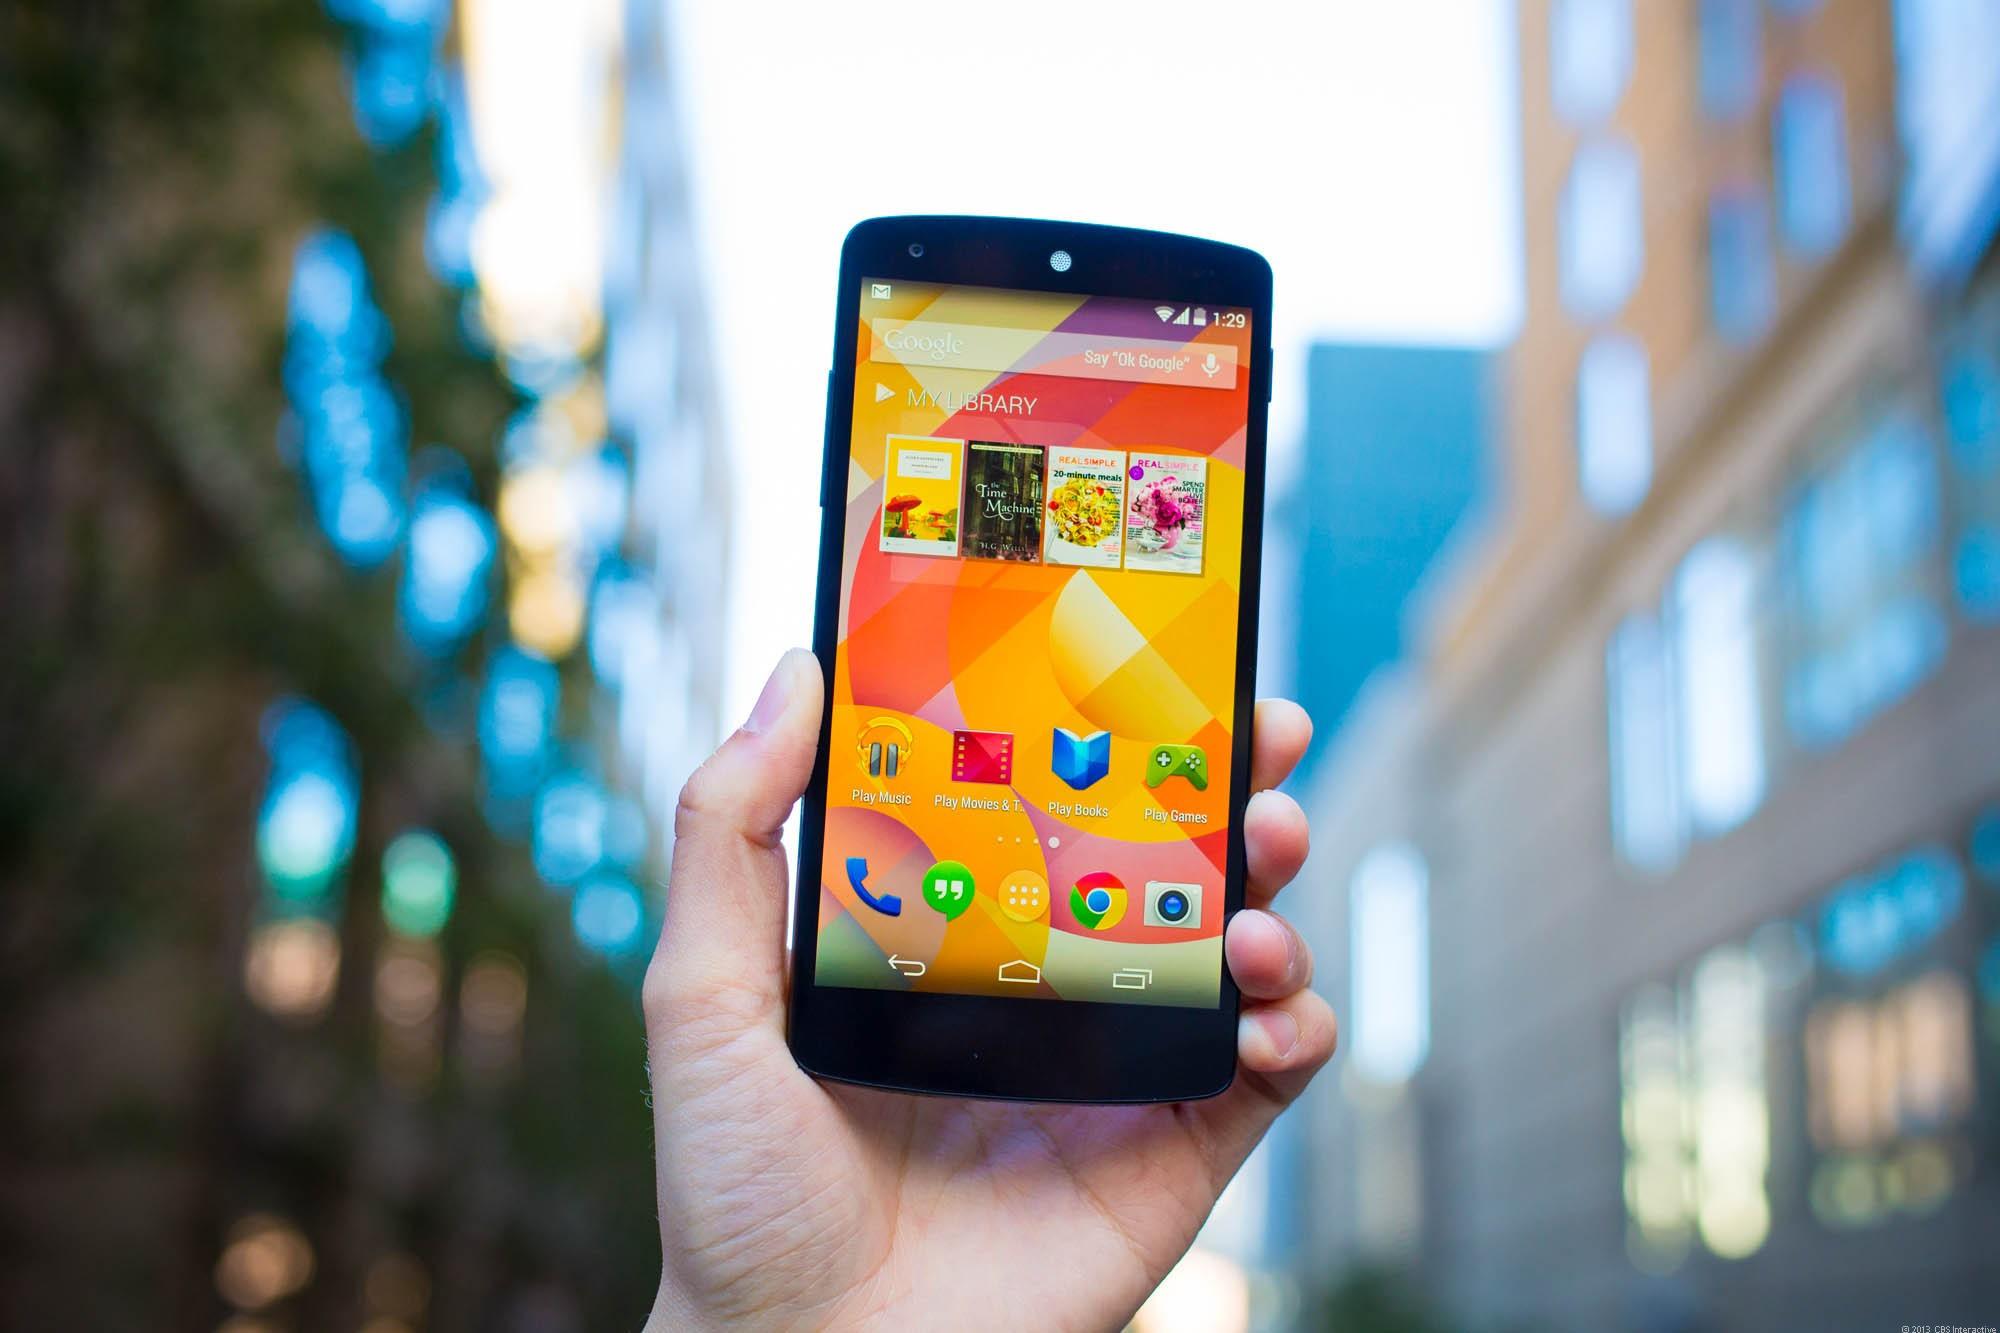 android 5.0 loi den led - Lỗi đèn flash nháy trong Android 5.0 ảnh hưởng cả Nexus 4 và 5